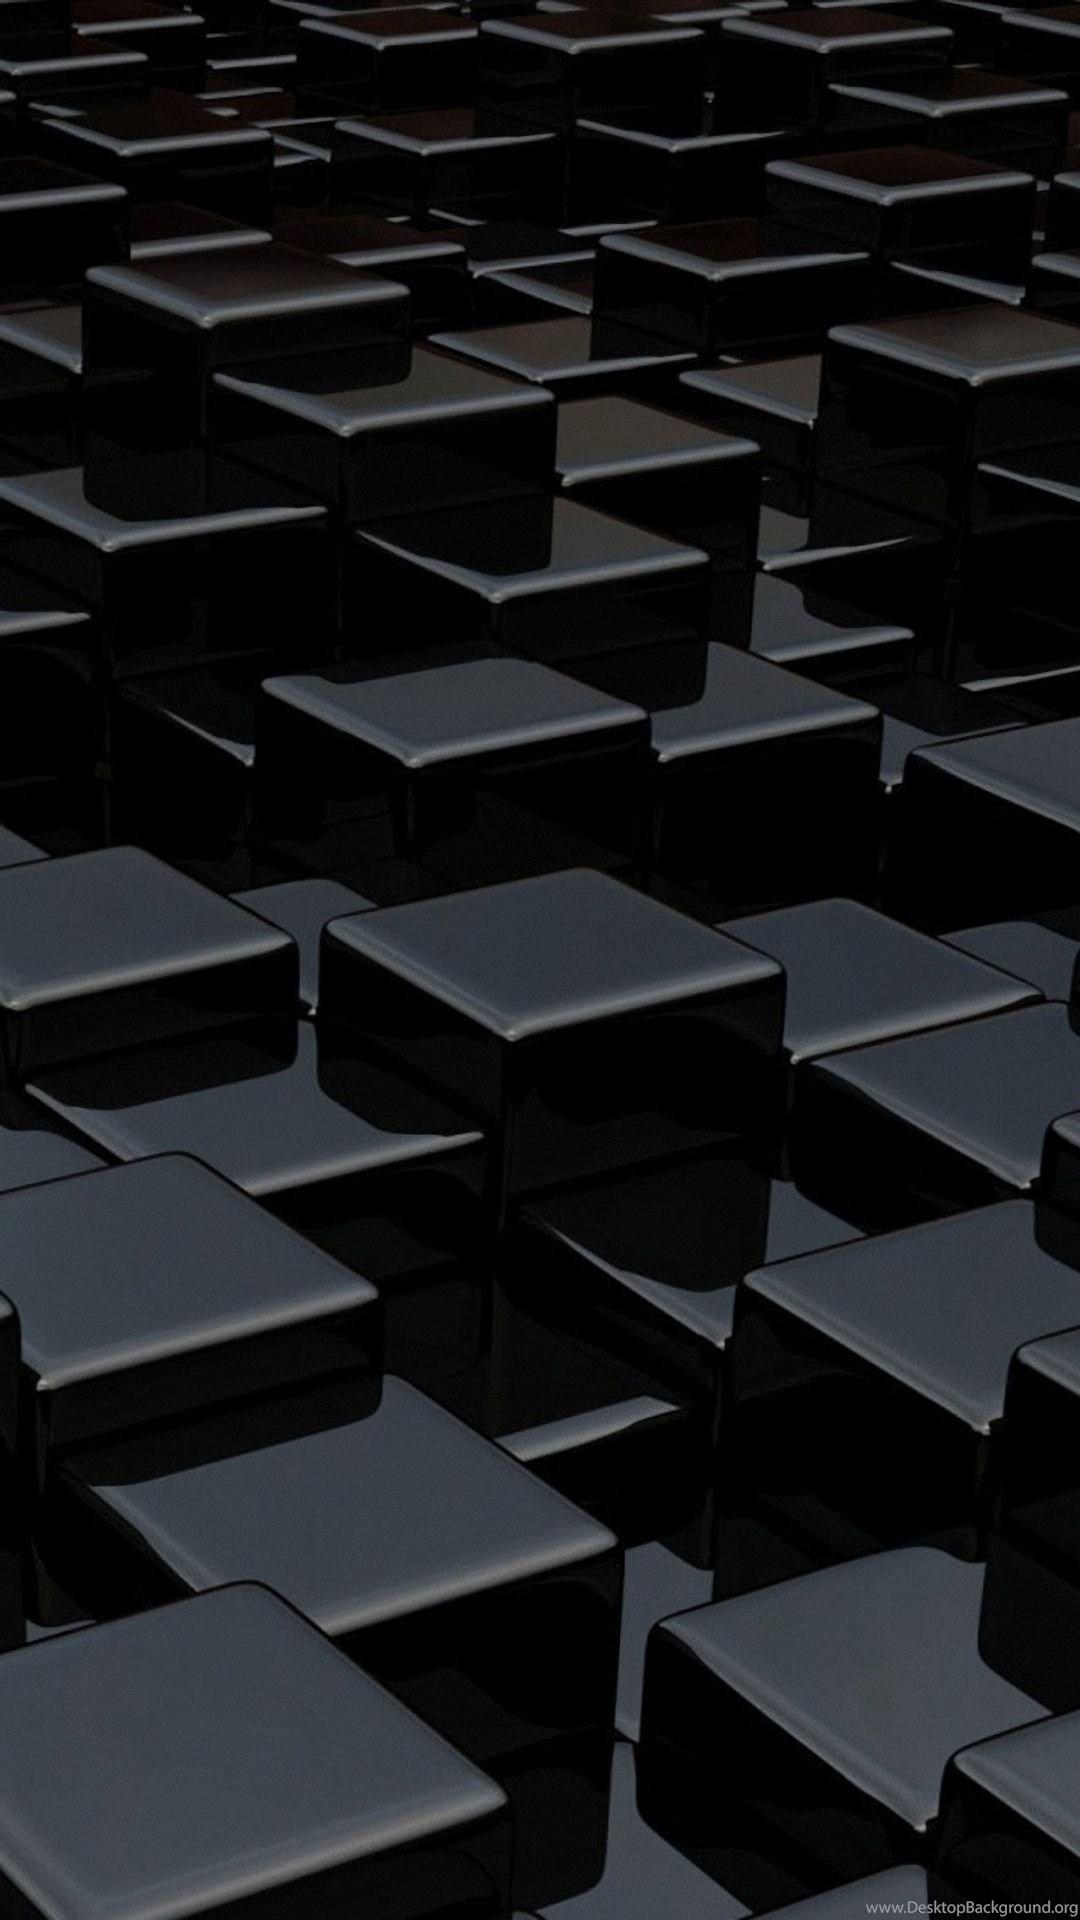 Black Cubes 3d Samsung Galaxy A7 Wallpapers Hd 1080x1920 Desktop Background